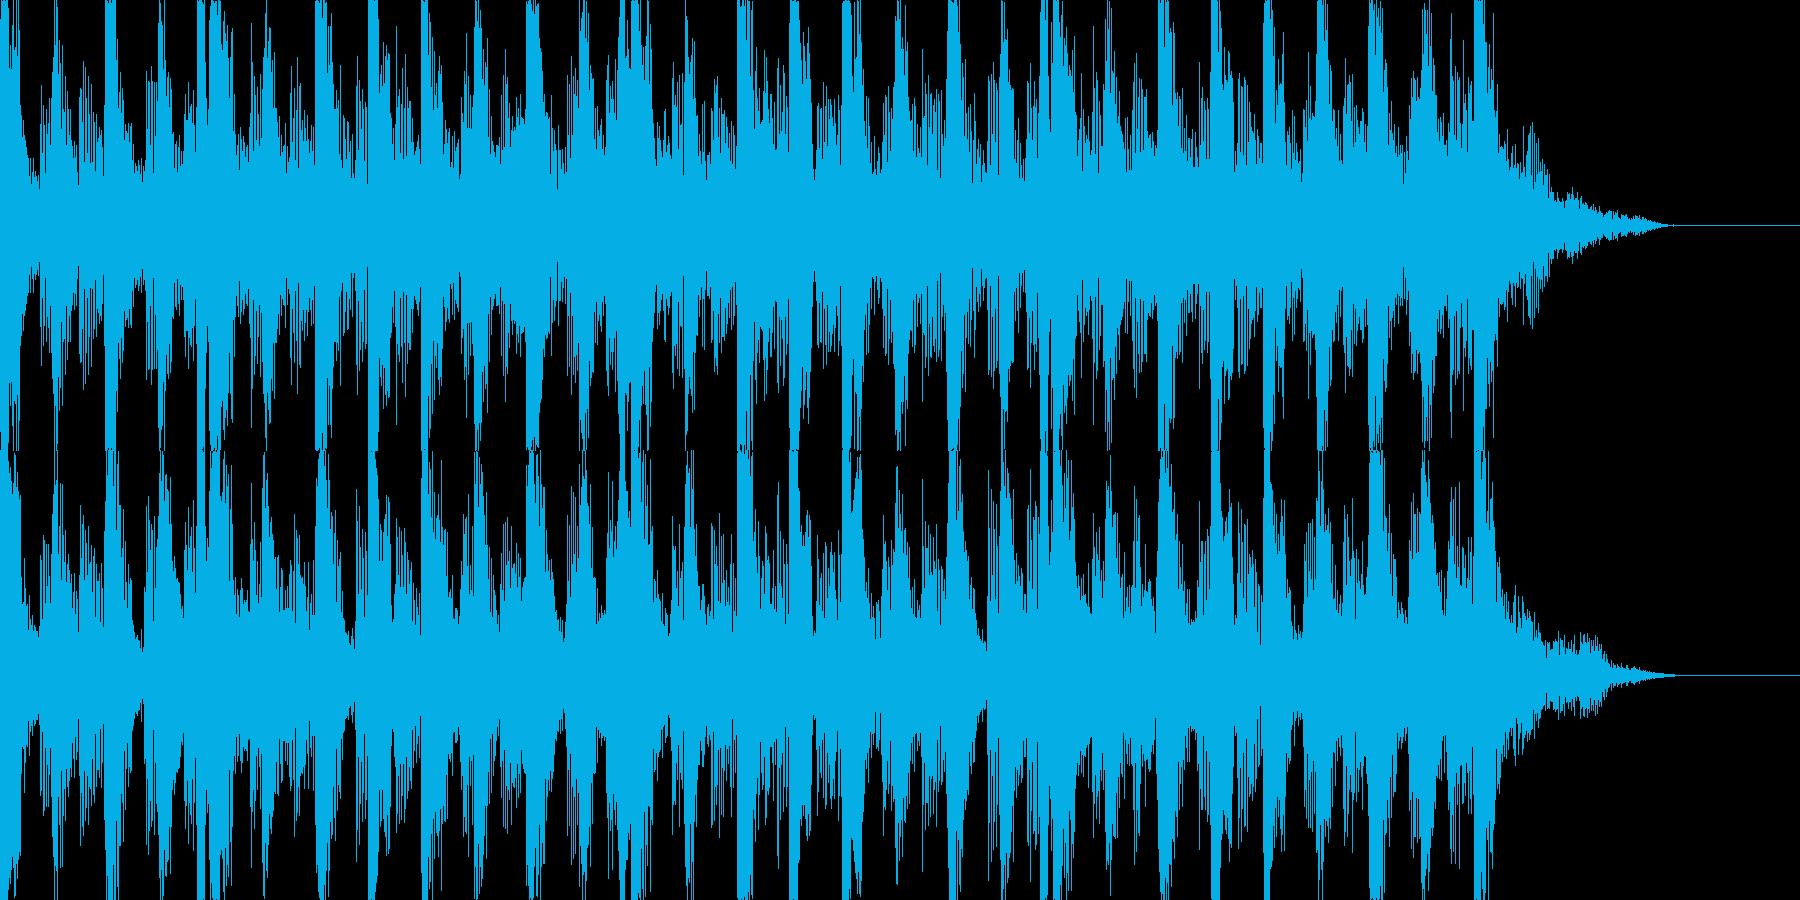 程よいテンション感のあるテクノなジングルの再生済みの波形